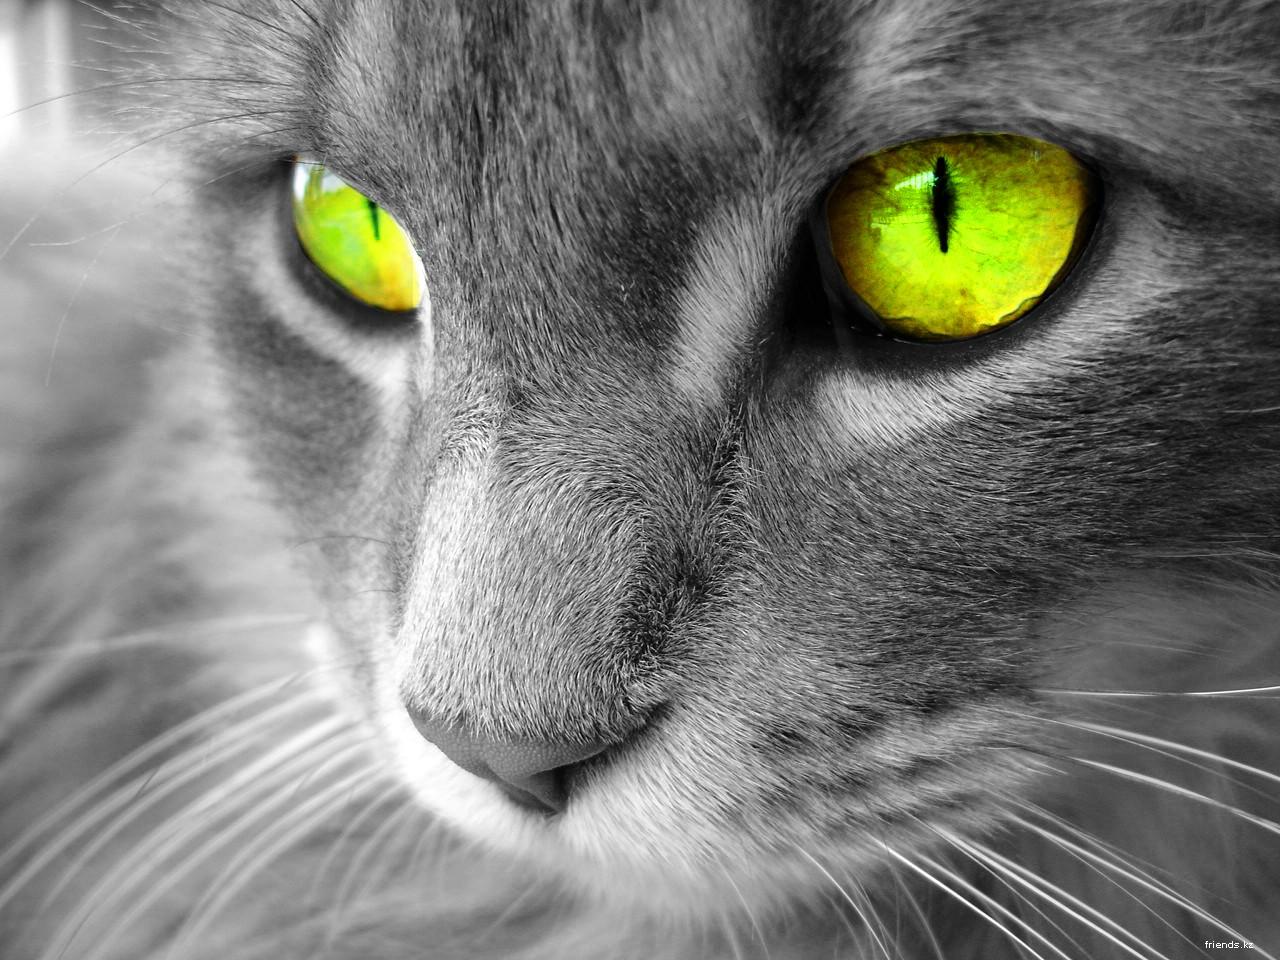 Кошка не может лицемерить.  Если кошка любит тебя, ты это знаешь.